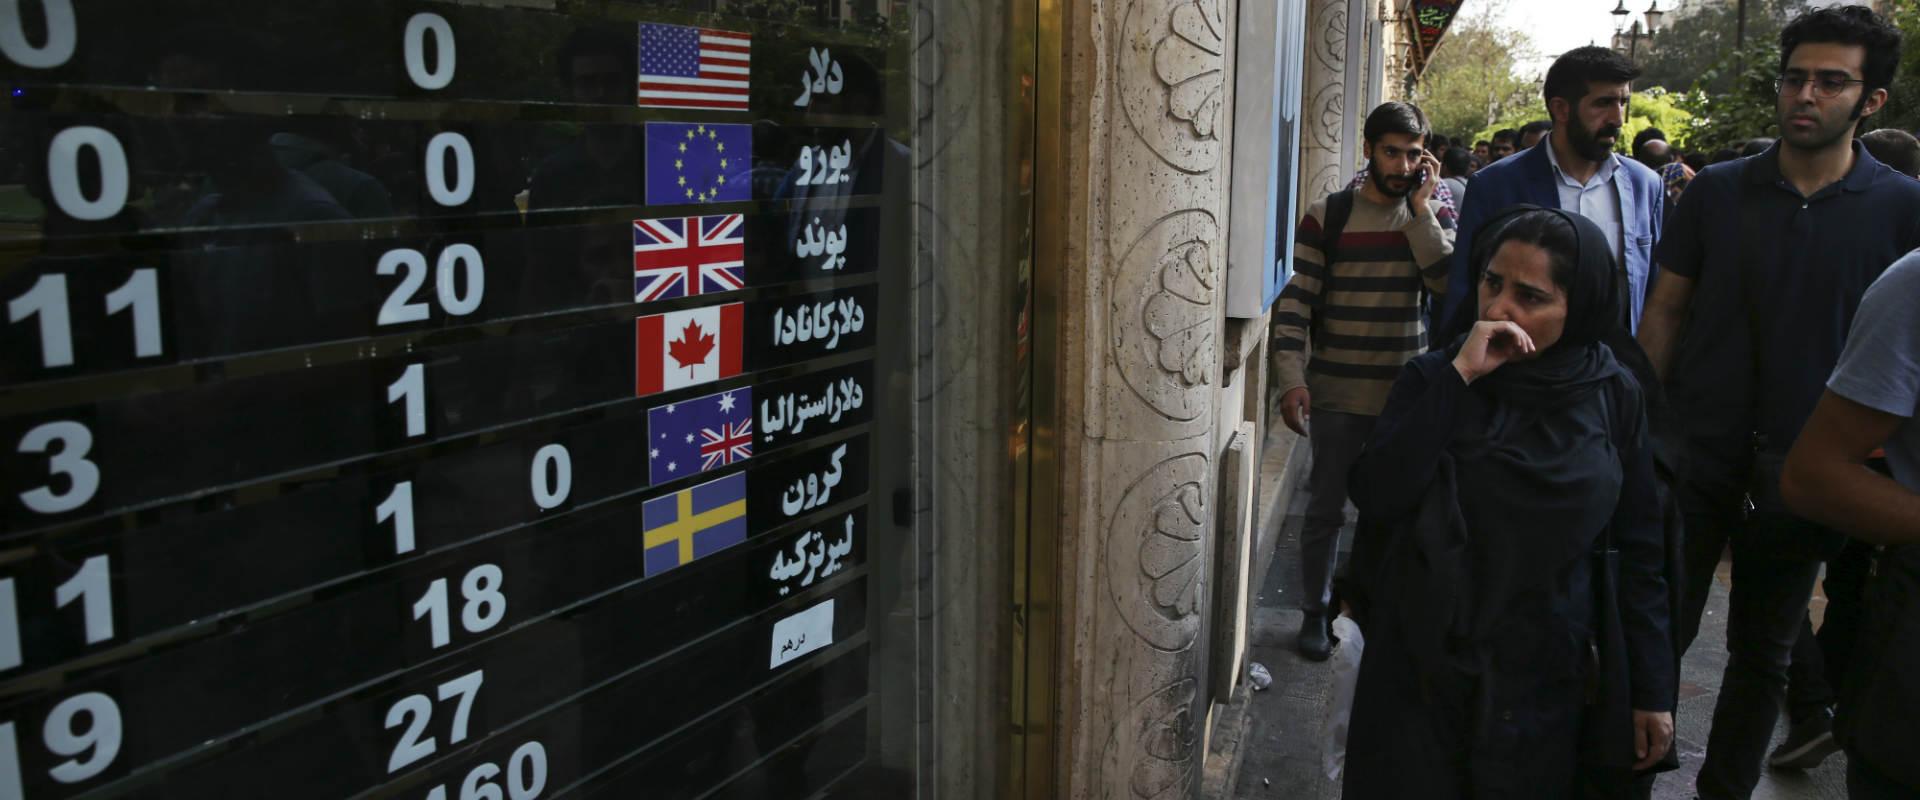 הסנקציות על איראן, אילוסטרציה